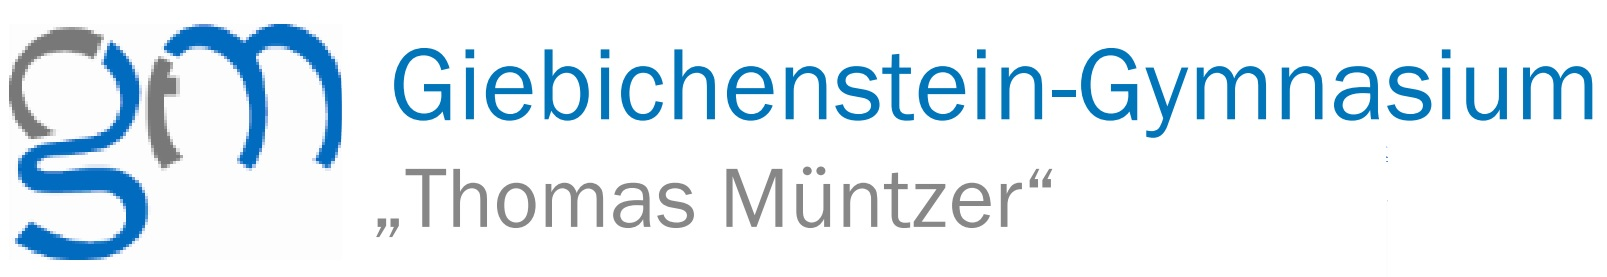 Giebichenstein-Gymnasium Halle